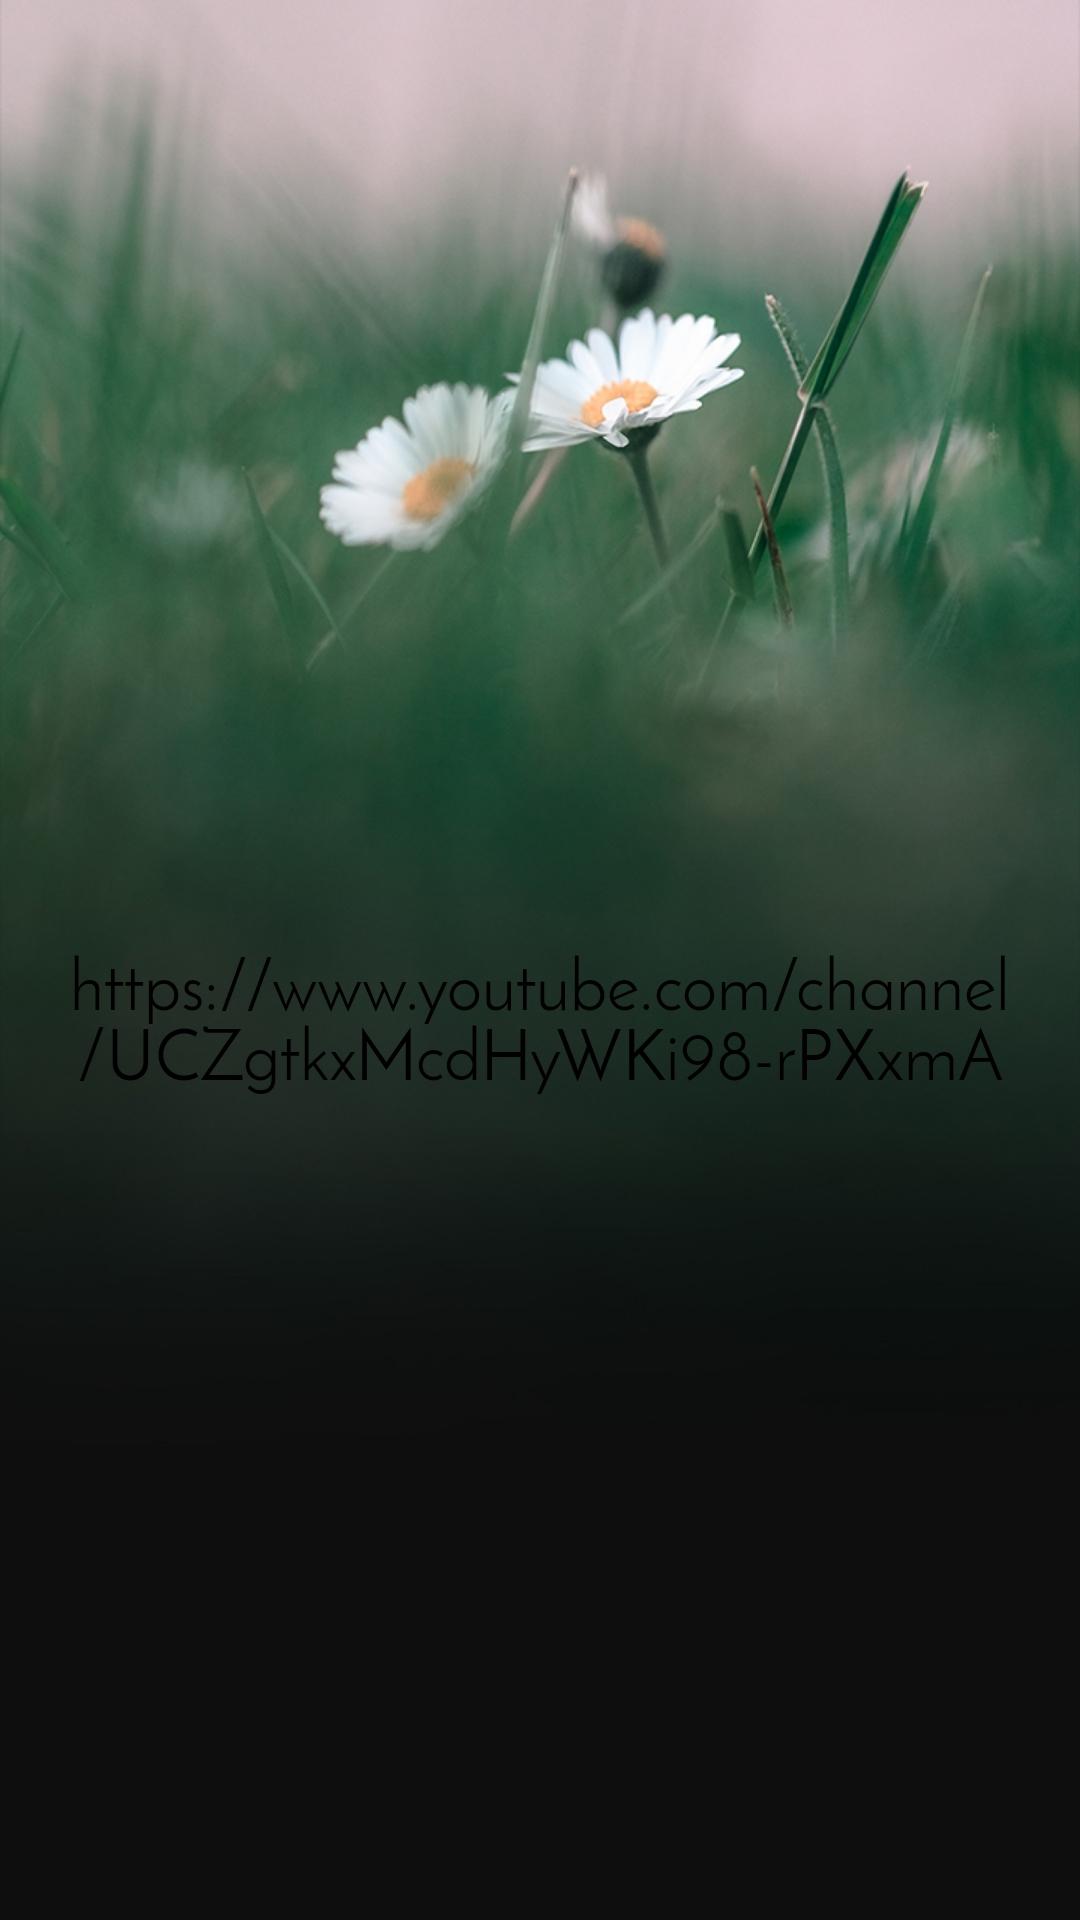 https://www.youtube.com/channel/UCZgtkxMcdHyWKi98-rPXxmA